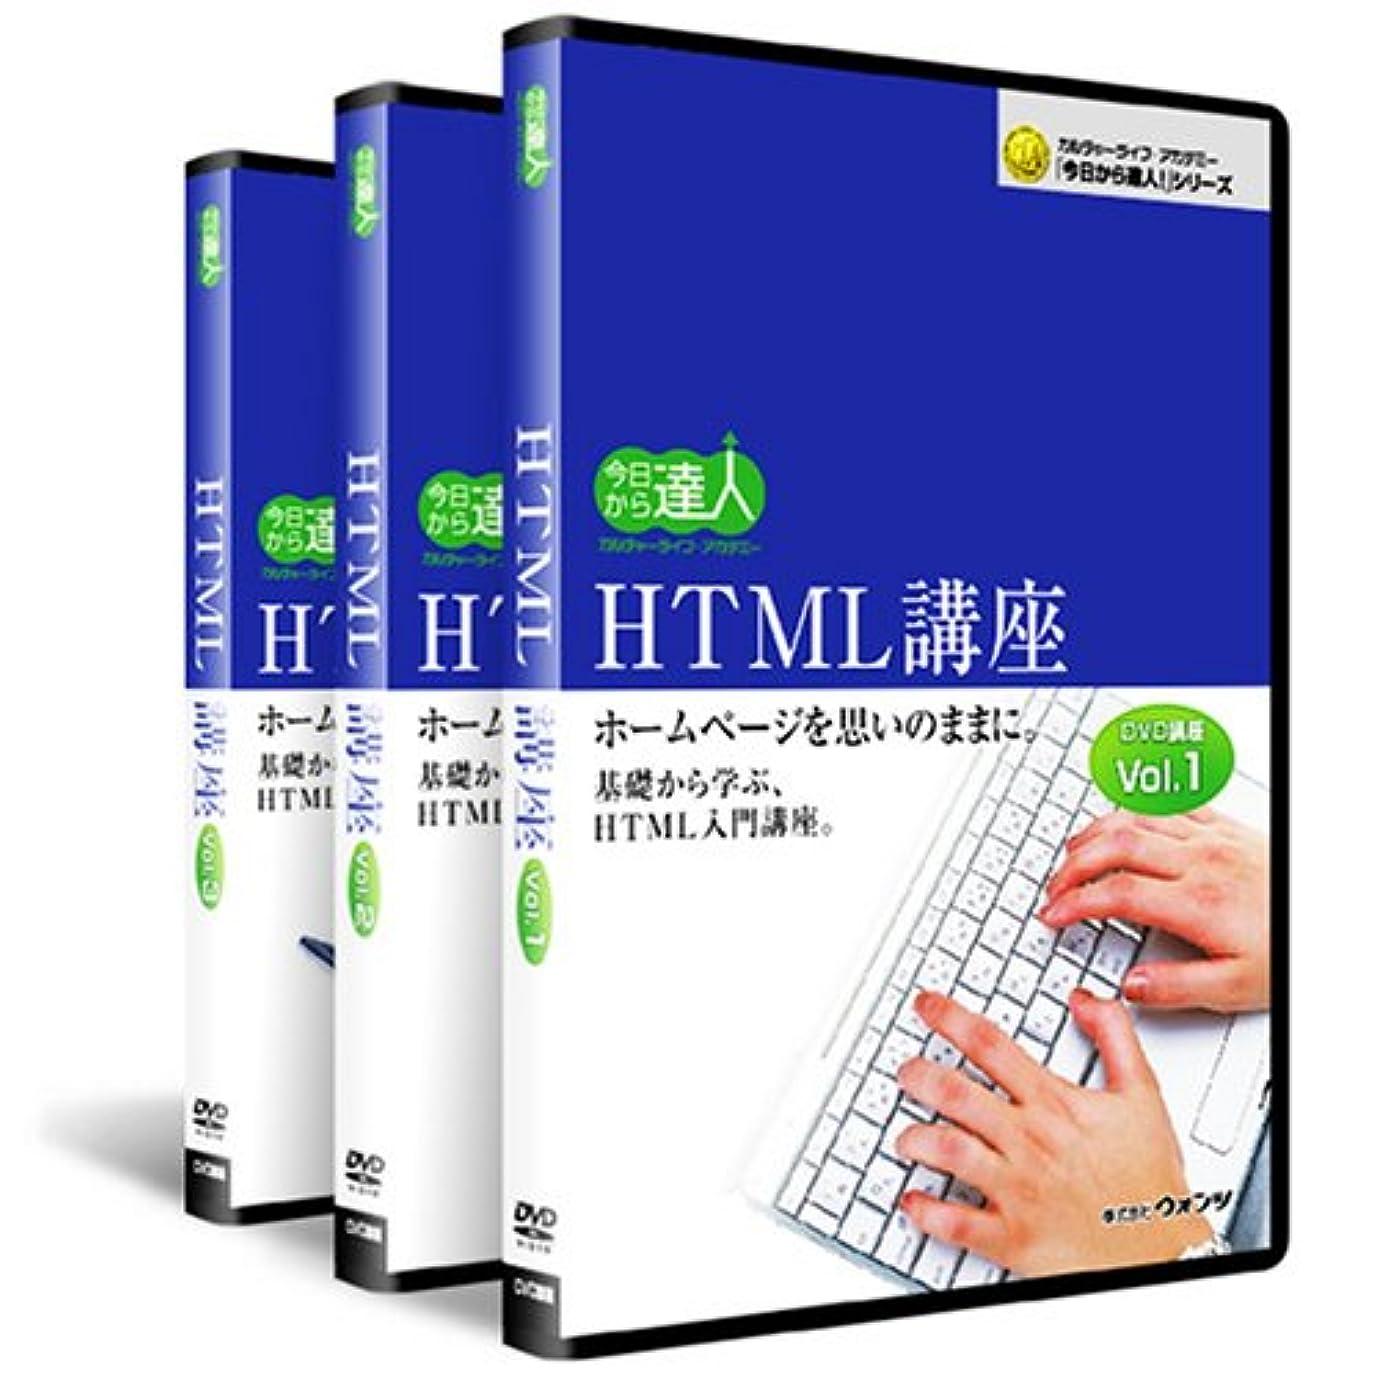 ありふれた分割周術期HTML講座基本編DVD講座3巻(Vol.1.2.3)セット